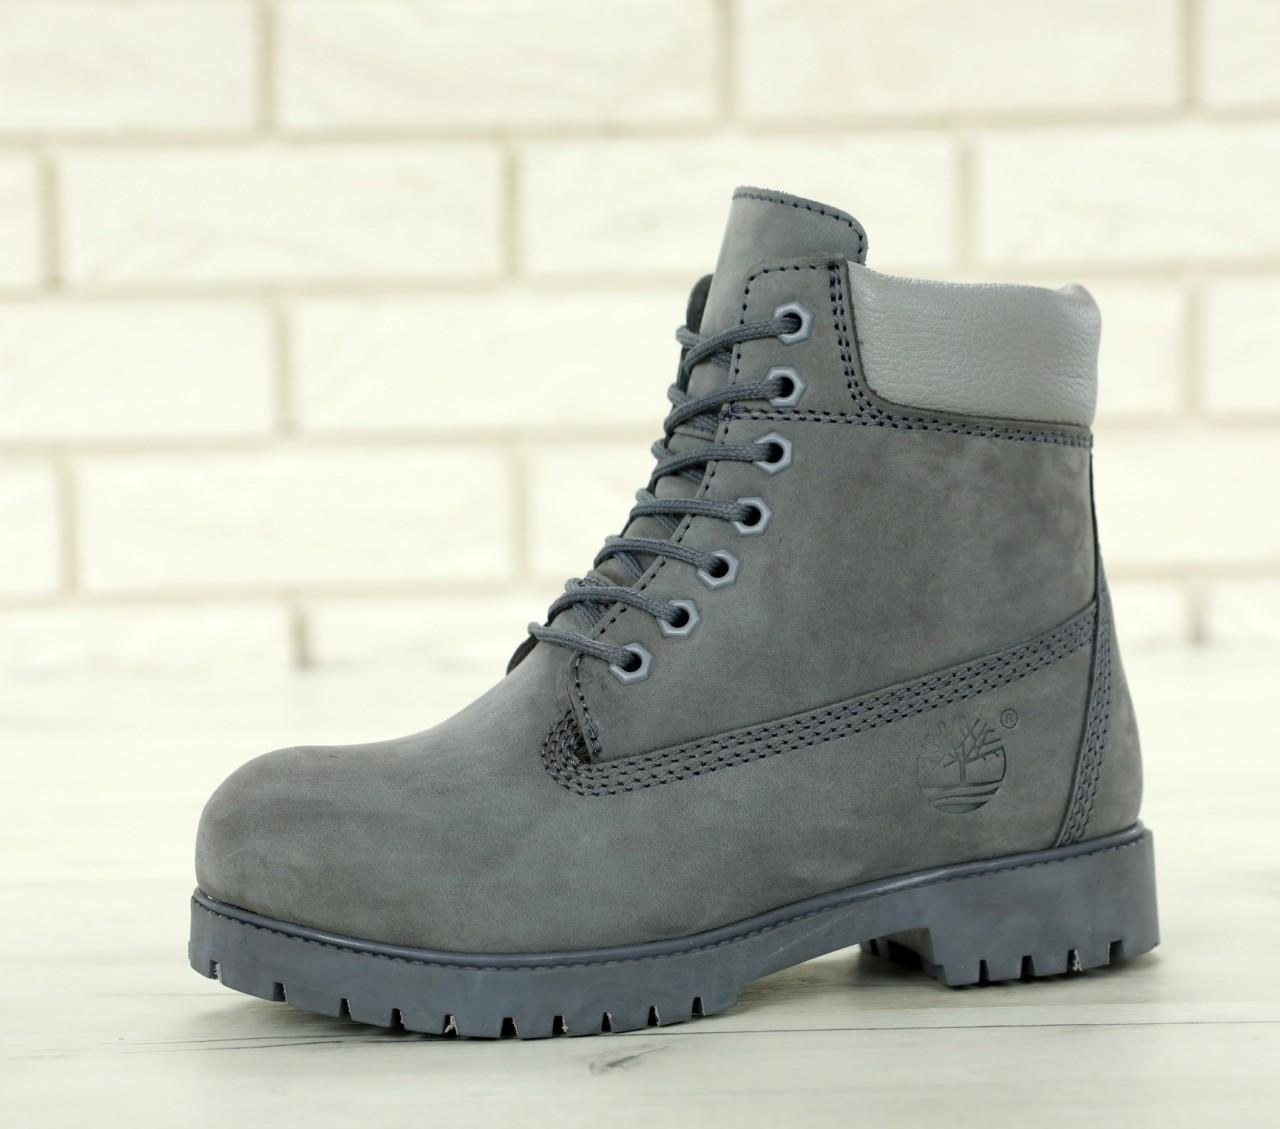 6b41a510fcd7 Зимние ботинки Timberland grey, женские ботинки с натуральным мехом